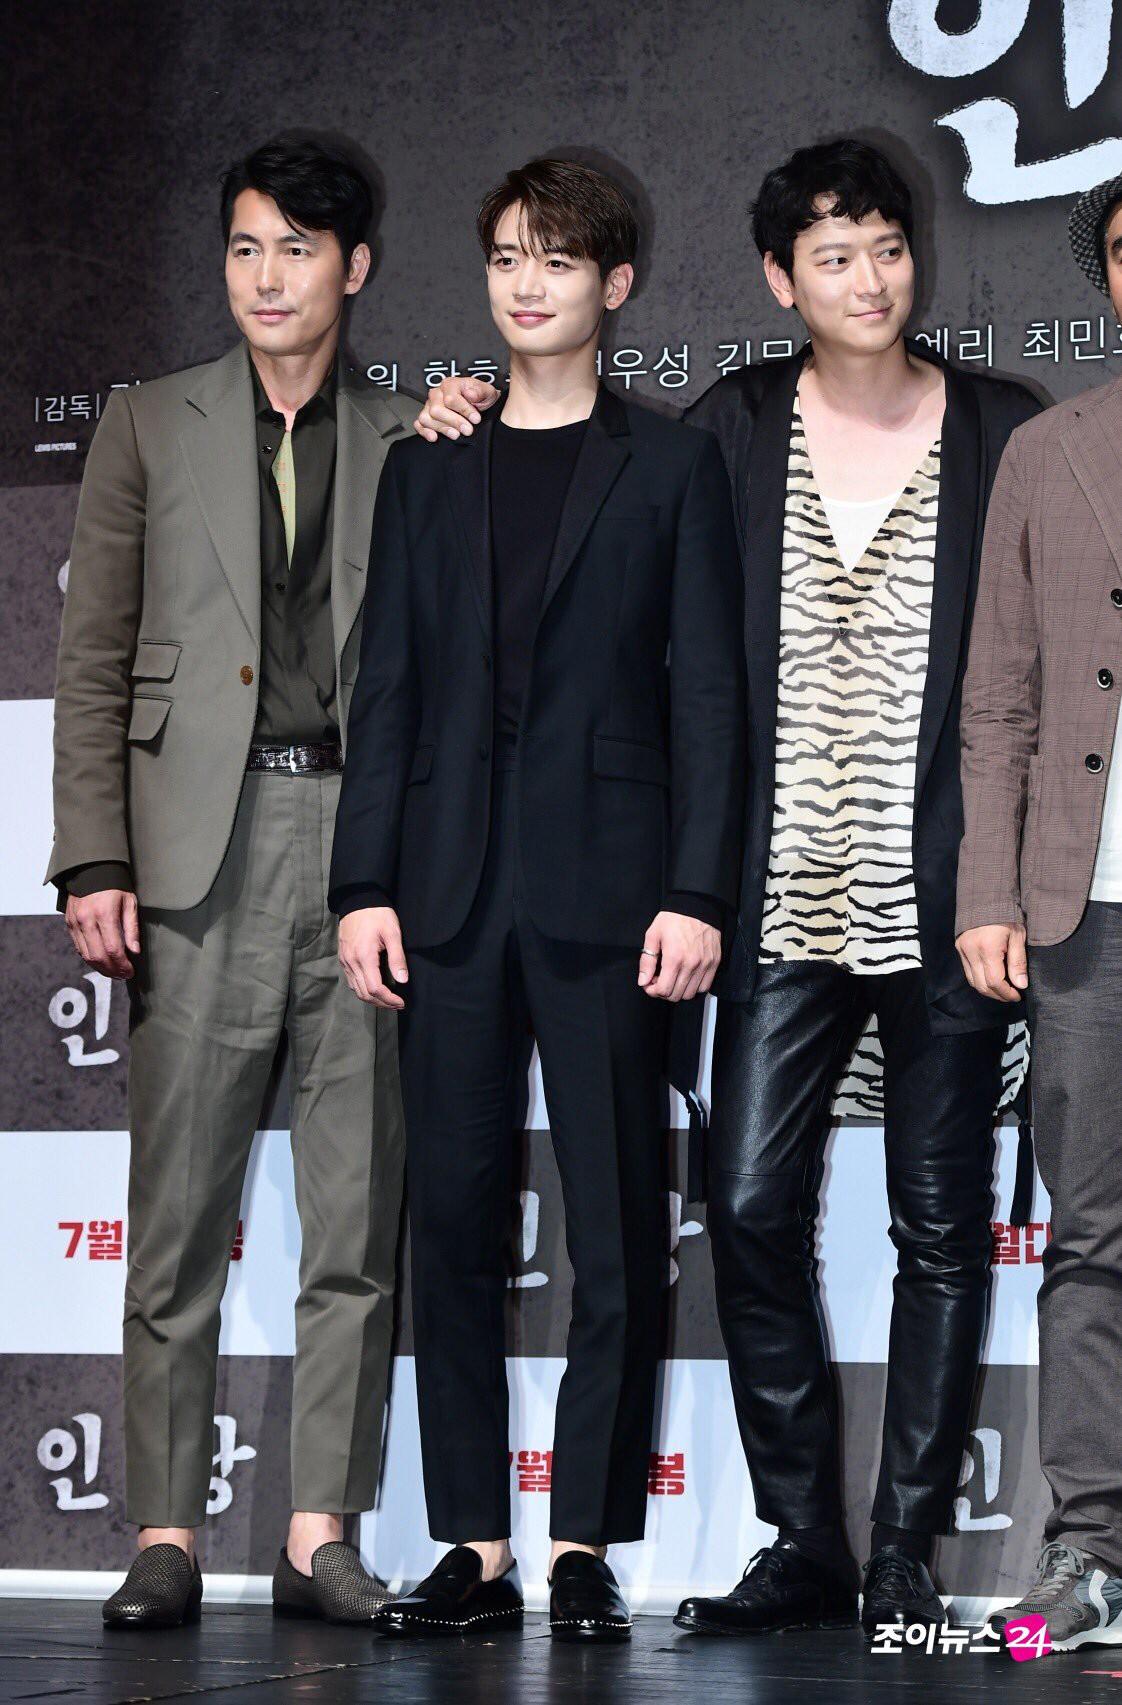 Khi quý ông cực phẩm xứ Hàn đọ sắc với đàn em: Người già hơn chục tuổi vẫn thắng thế, kẻ bị dìm trong 1 nốt nhạc - Ảnh 30.